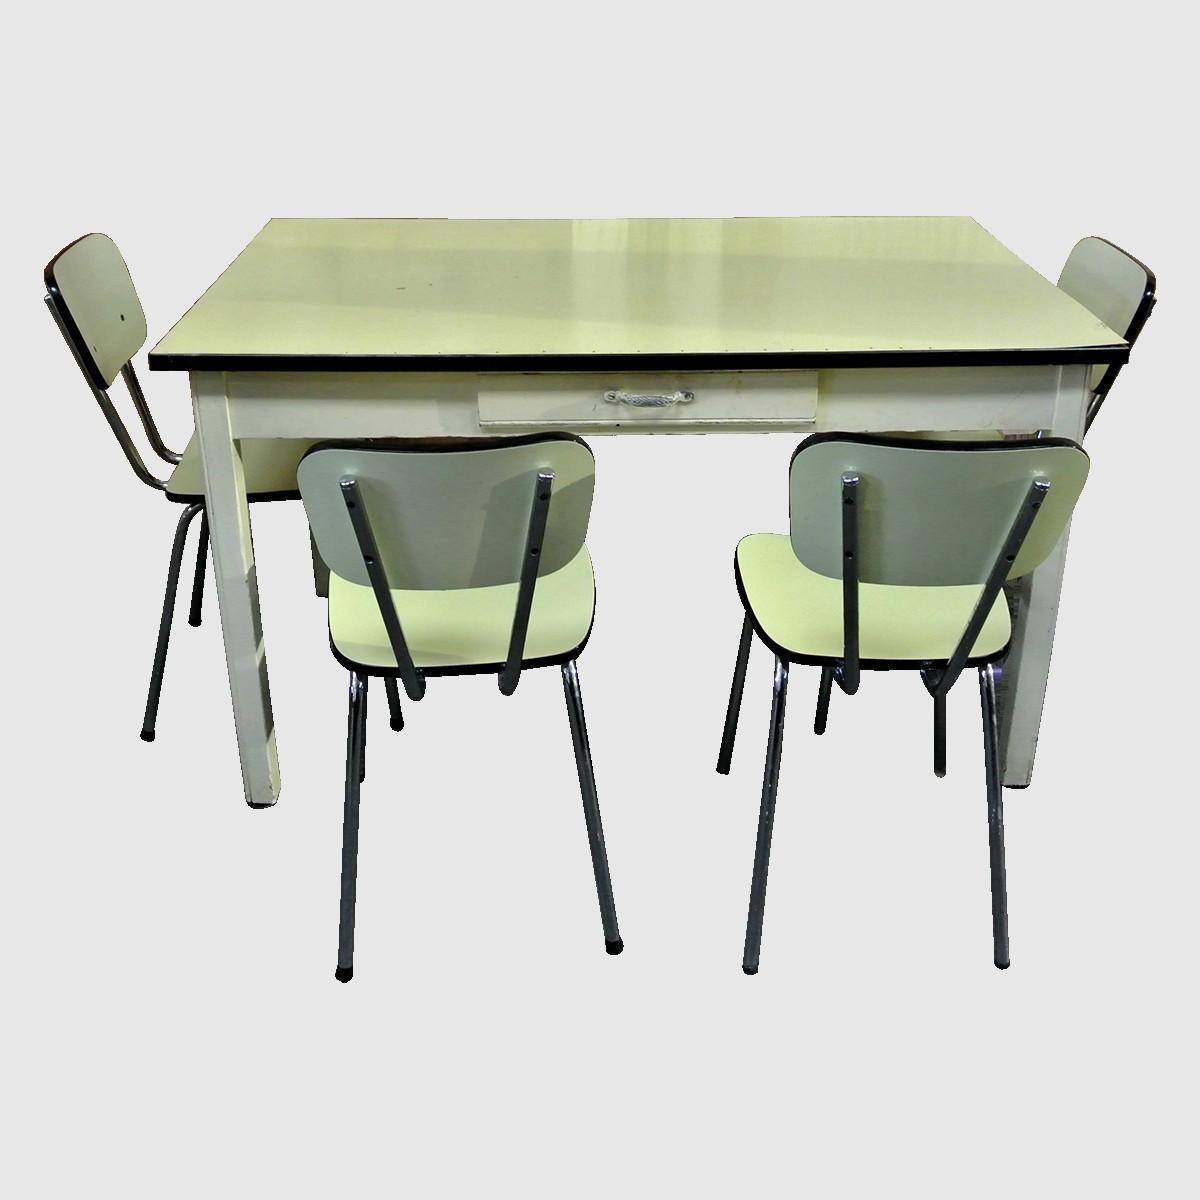 Formica Yellow Kitchen Table 4 Chairs Vintage 1960 Le Palais Des Bricoles